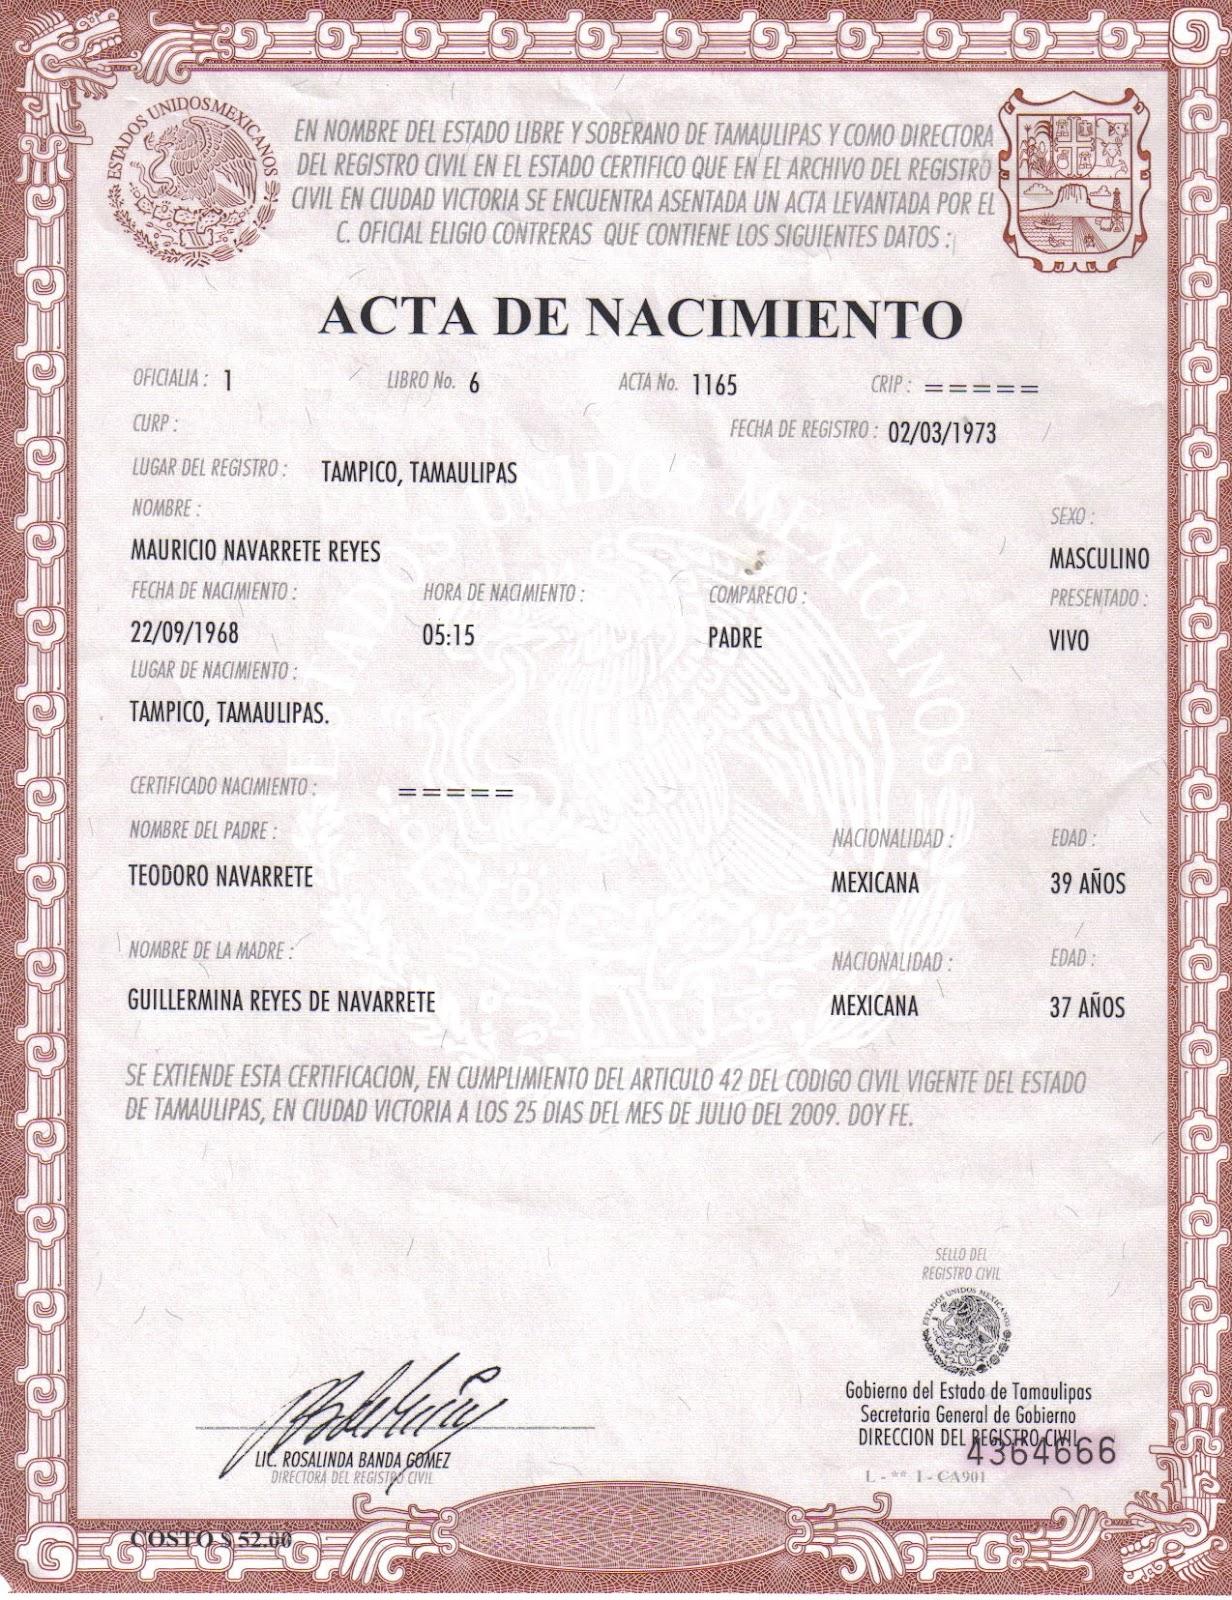 Matrimonio Catolico Divorcio : Acta de matrimonio mexicana